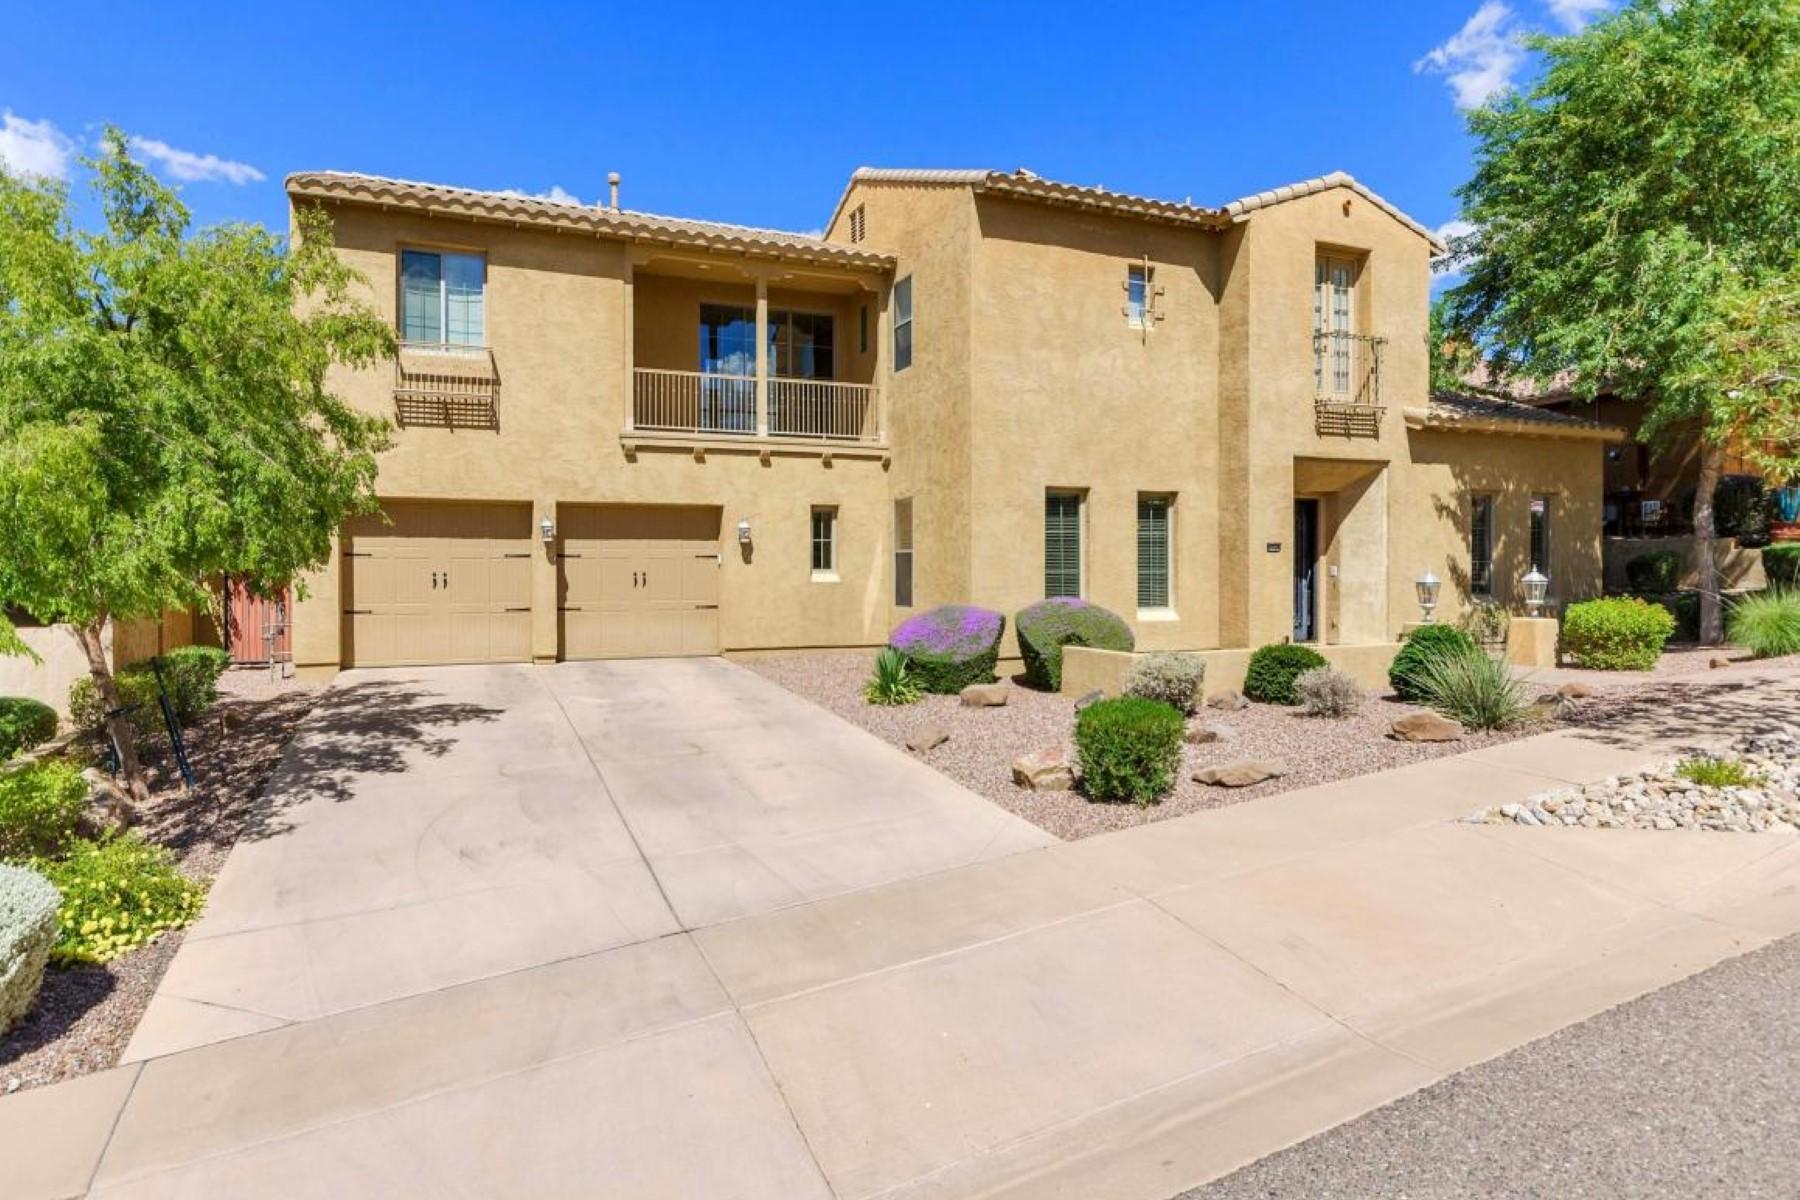 Частный односемейный дом для того Продажа на Beautiful home exudes style and elegance 2320 W Villa Cassandra Dr Phoenix, Аризона 85086 Соединенные Штаты